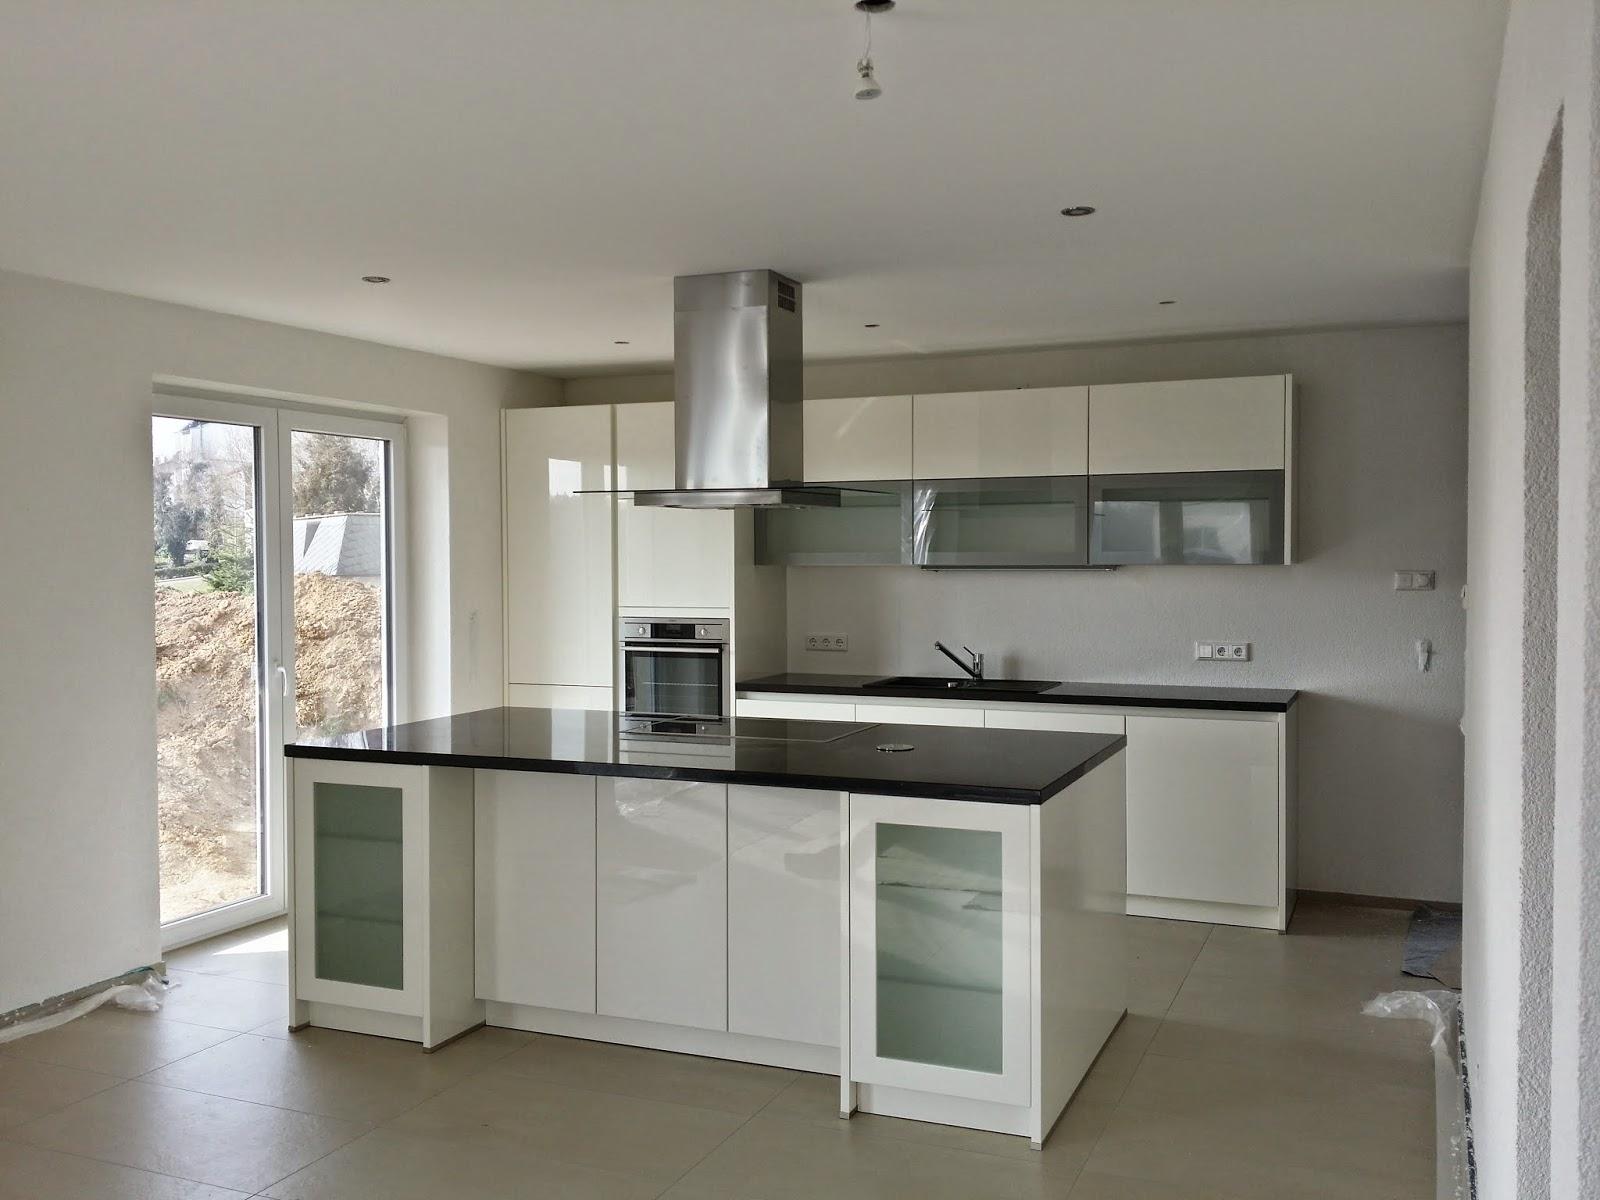 baublog - wir bauen in neesbach: einbau der küche - Küche 3 Meter